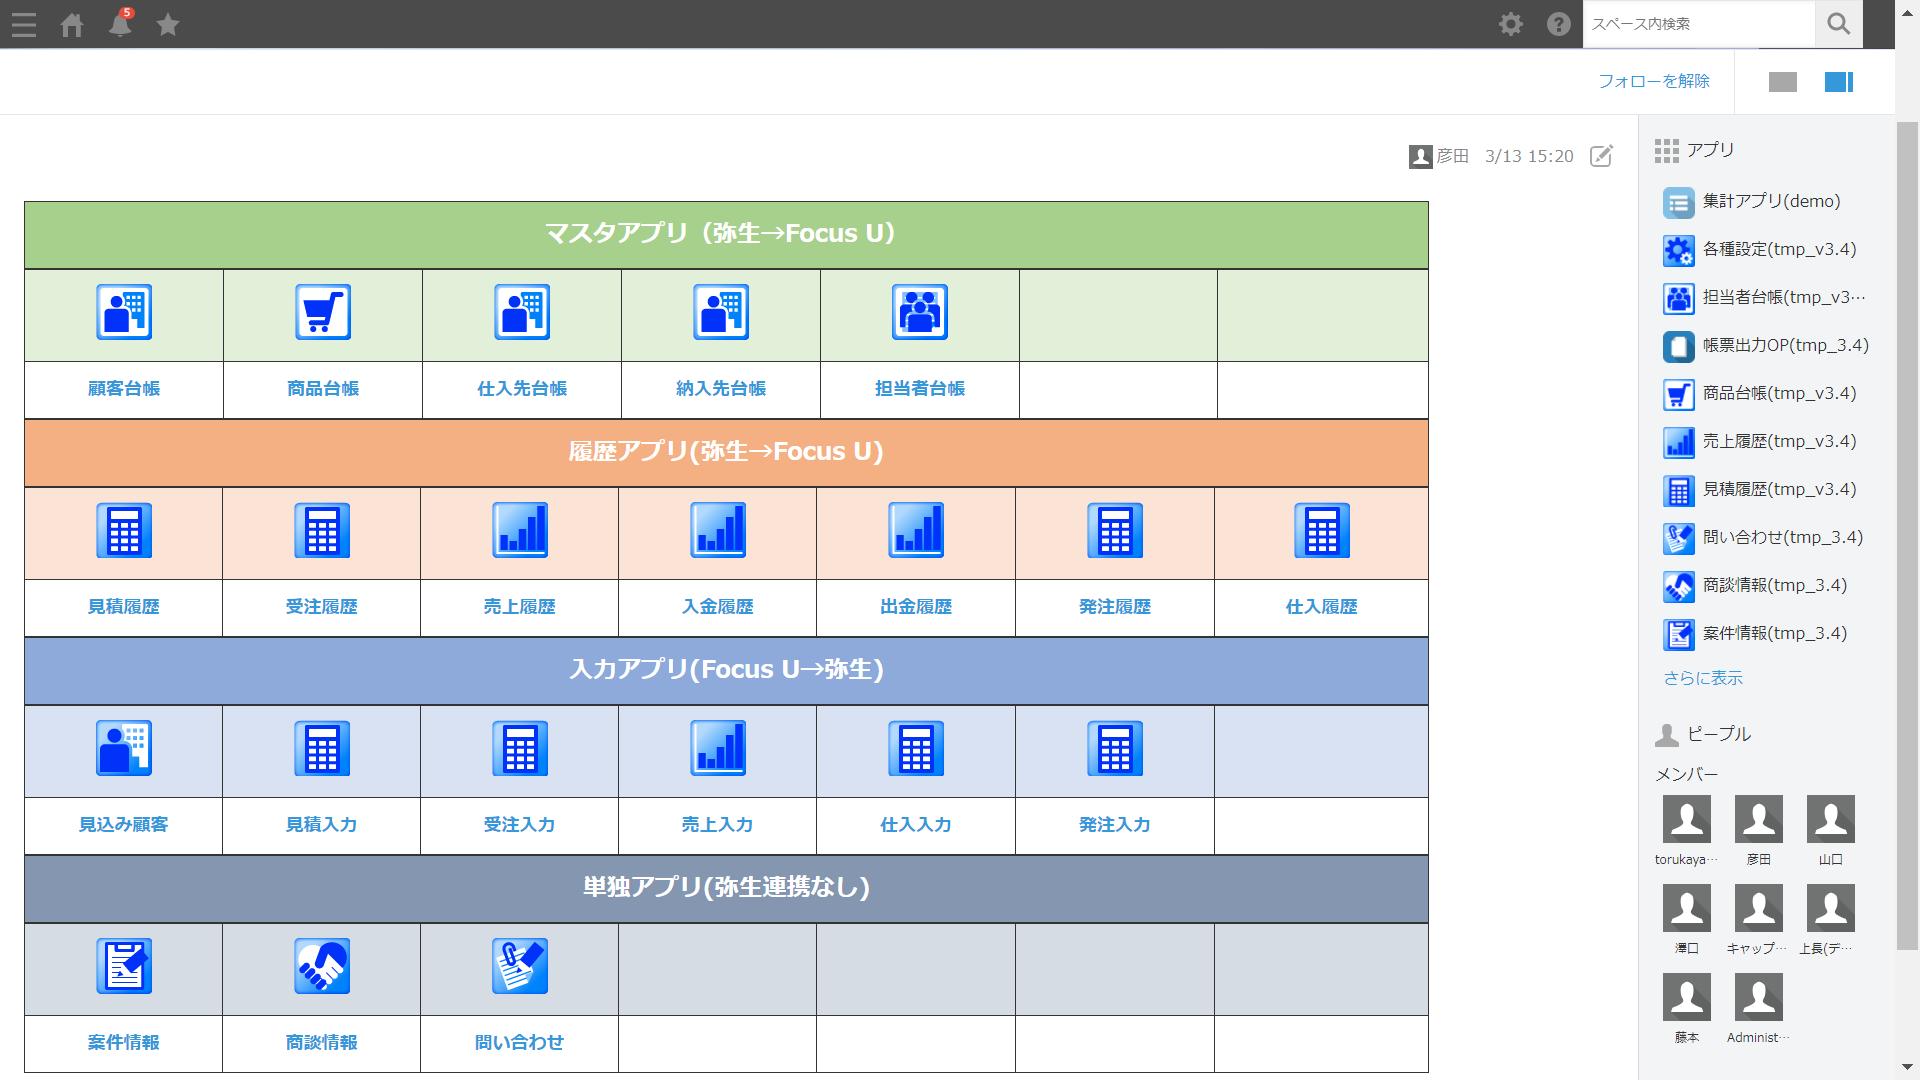 ブログ記事(アプリ一覧画面)_20201005.png